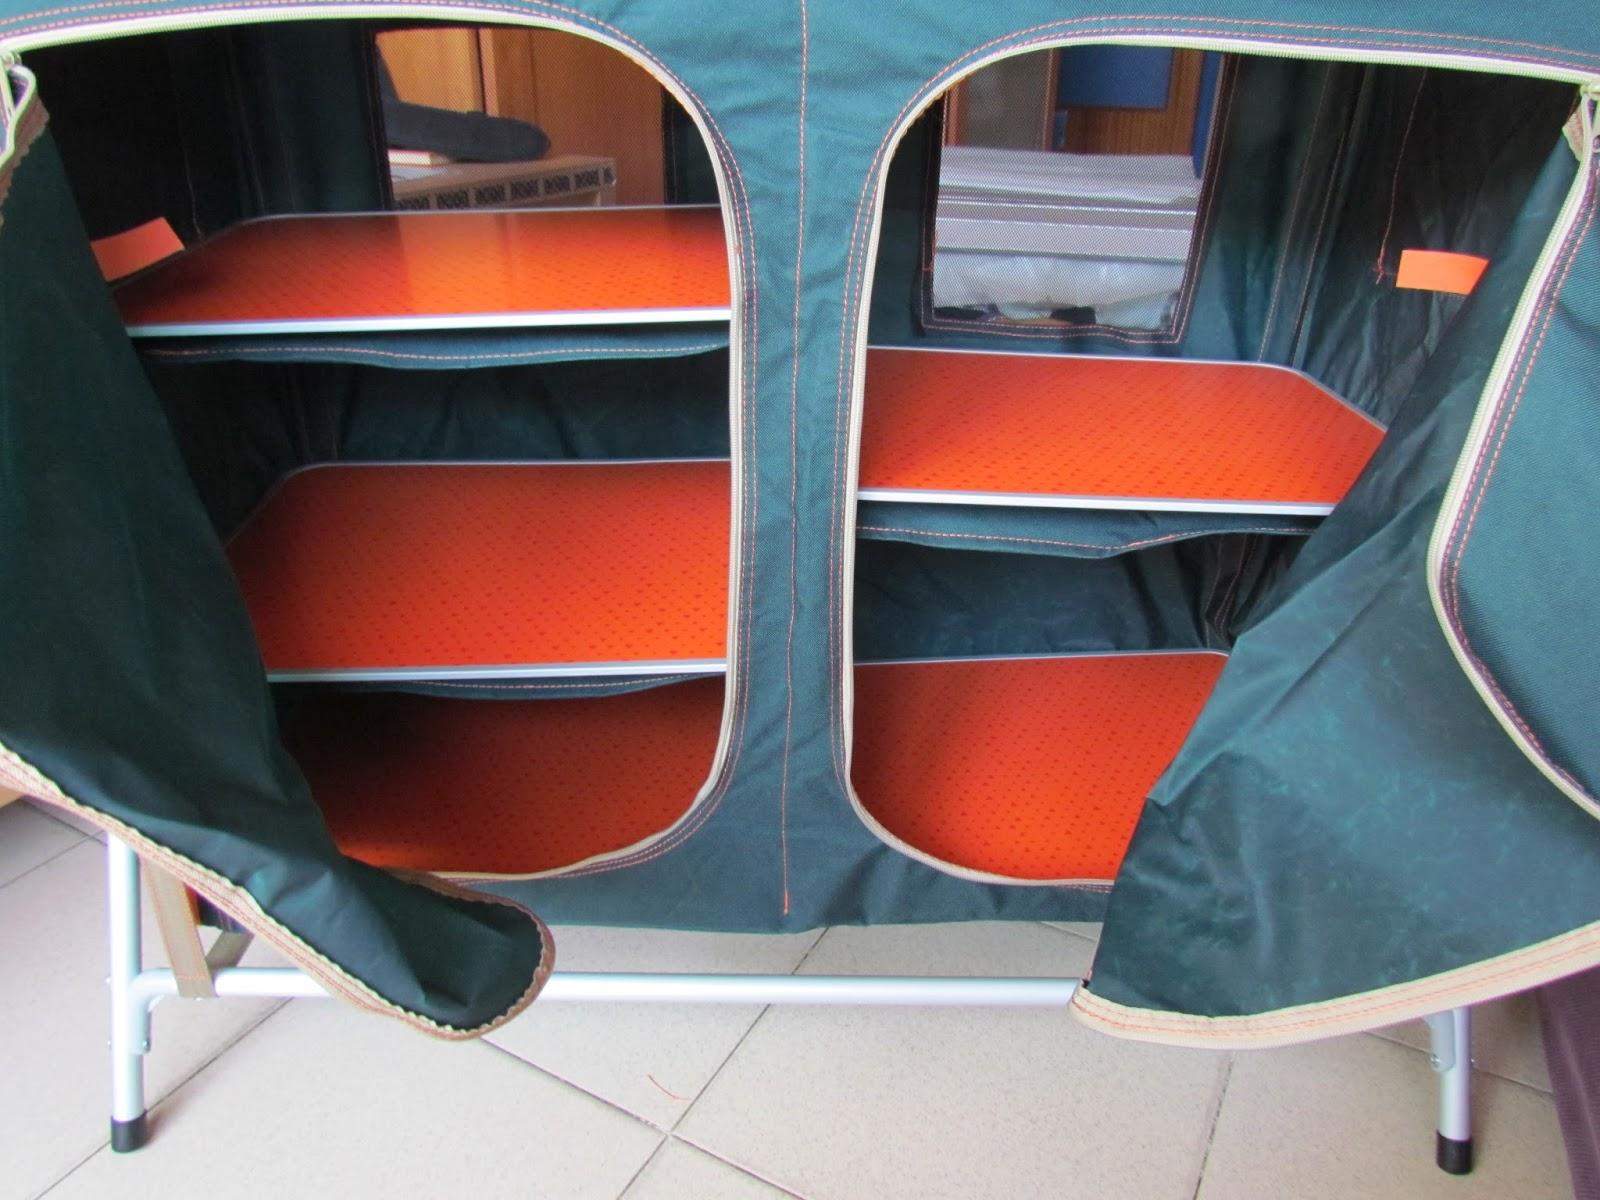 Bricolaje hazlo tu mismo mobiliario camping mueble de - Mueble cocina camping decathlon ...